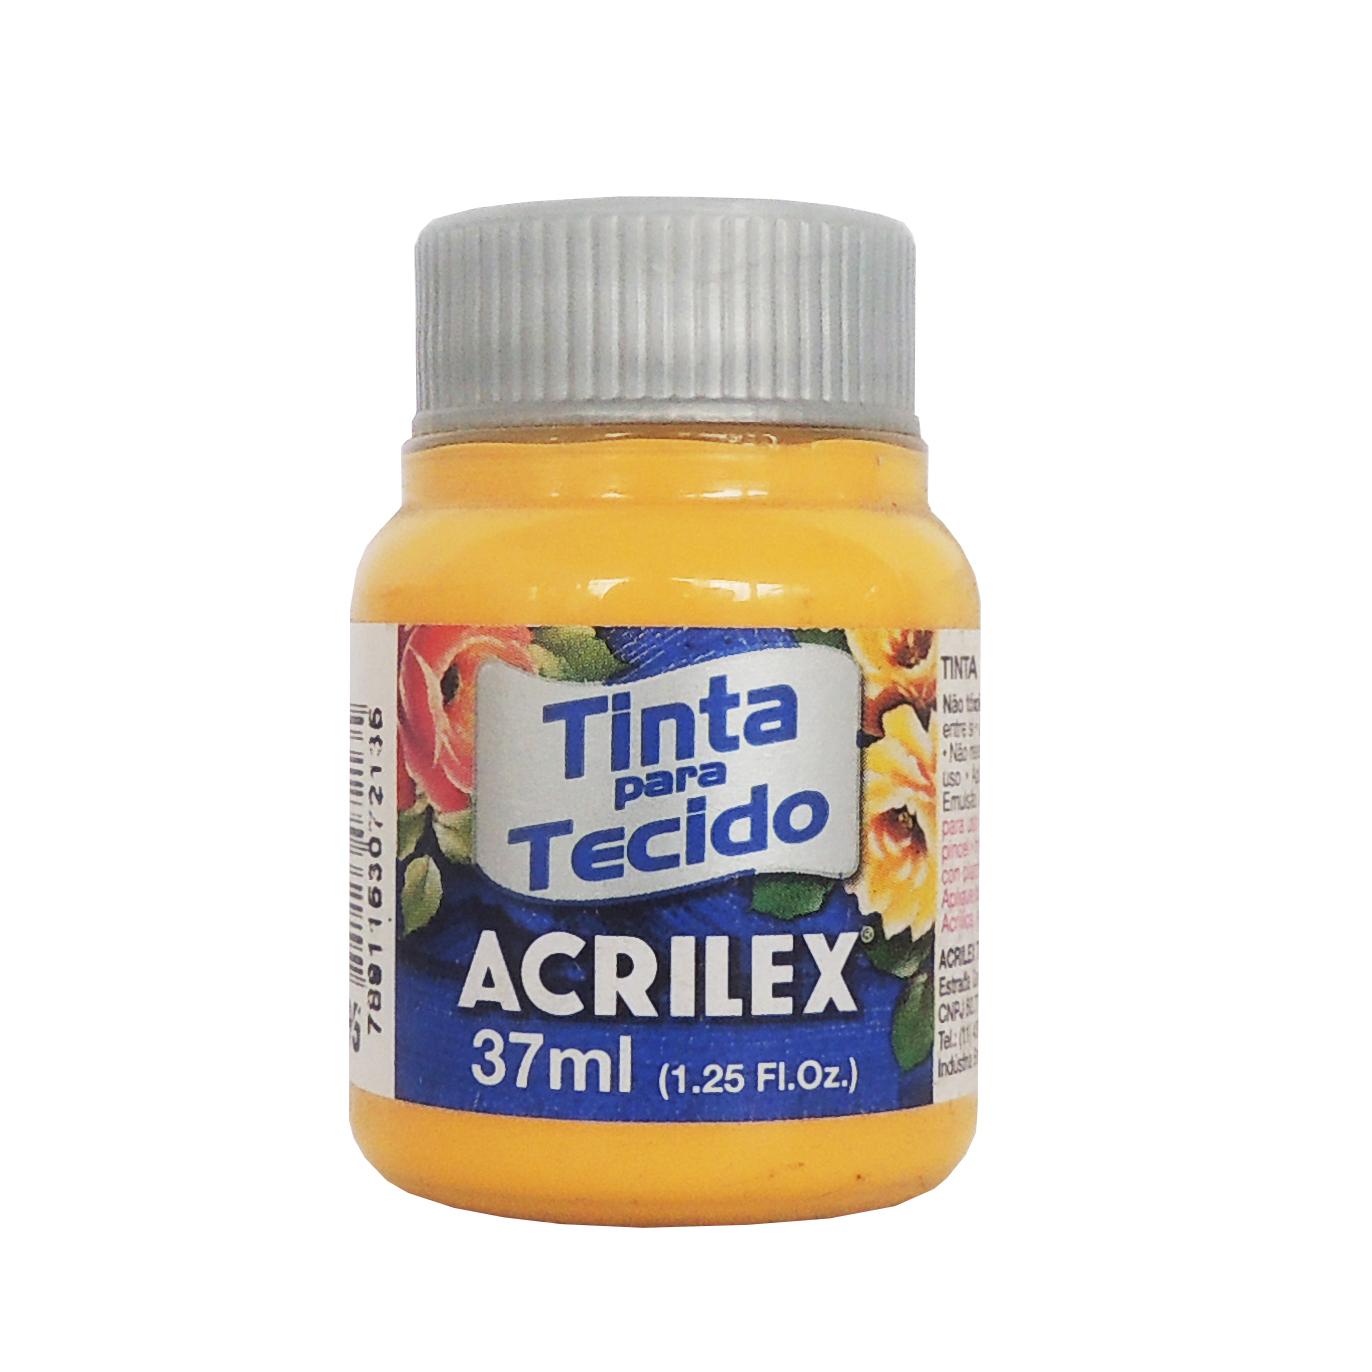 tinta-para-tecido-acrilex-37ml-895-melao